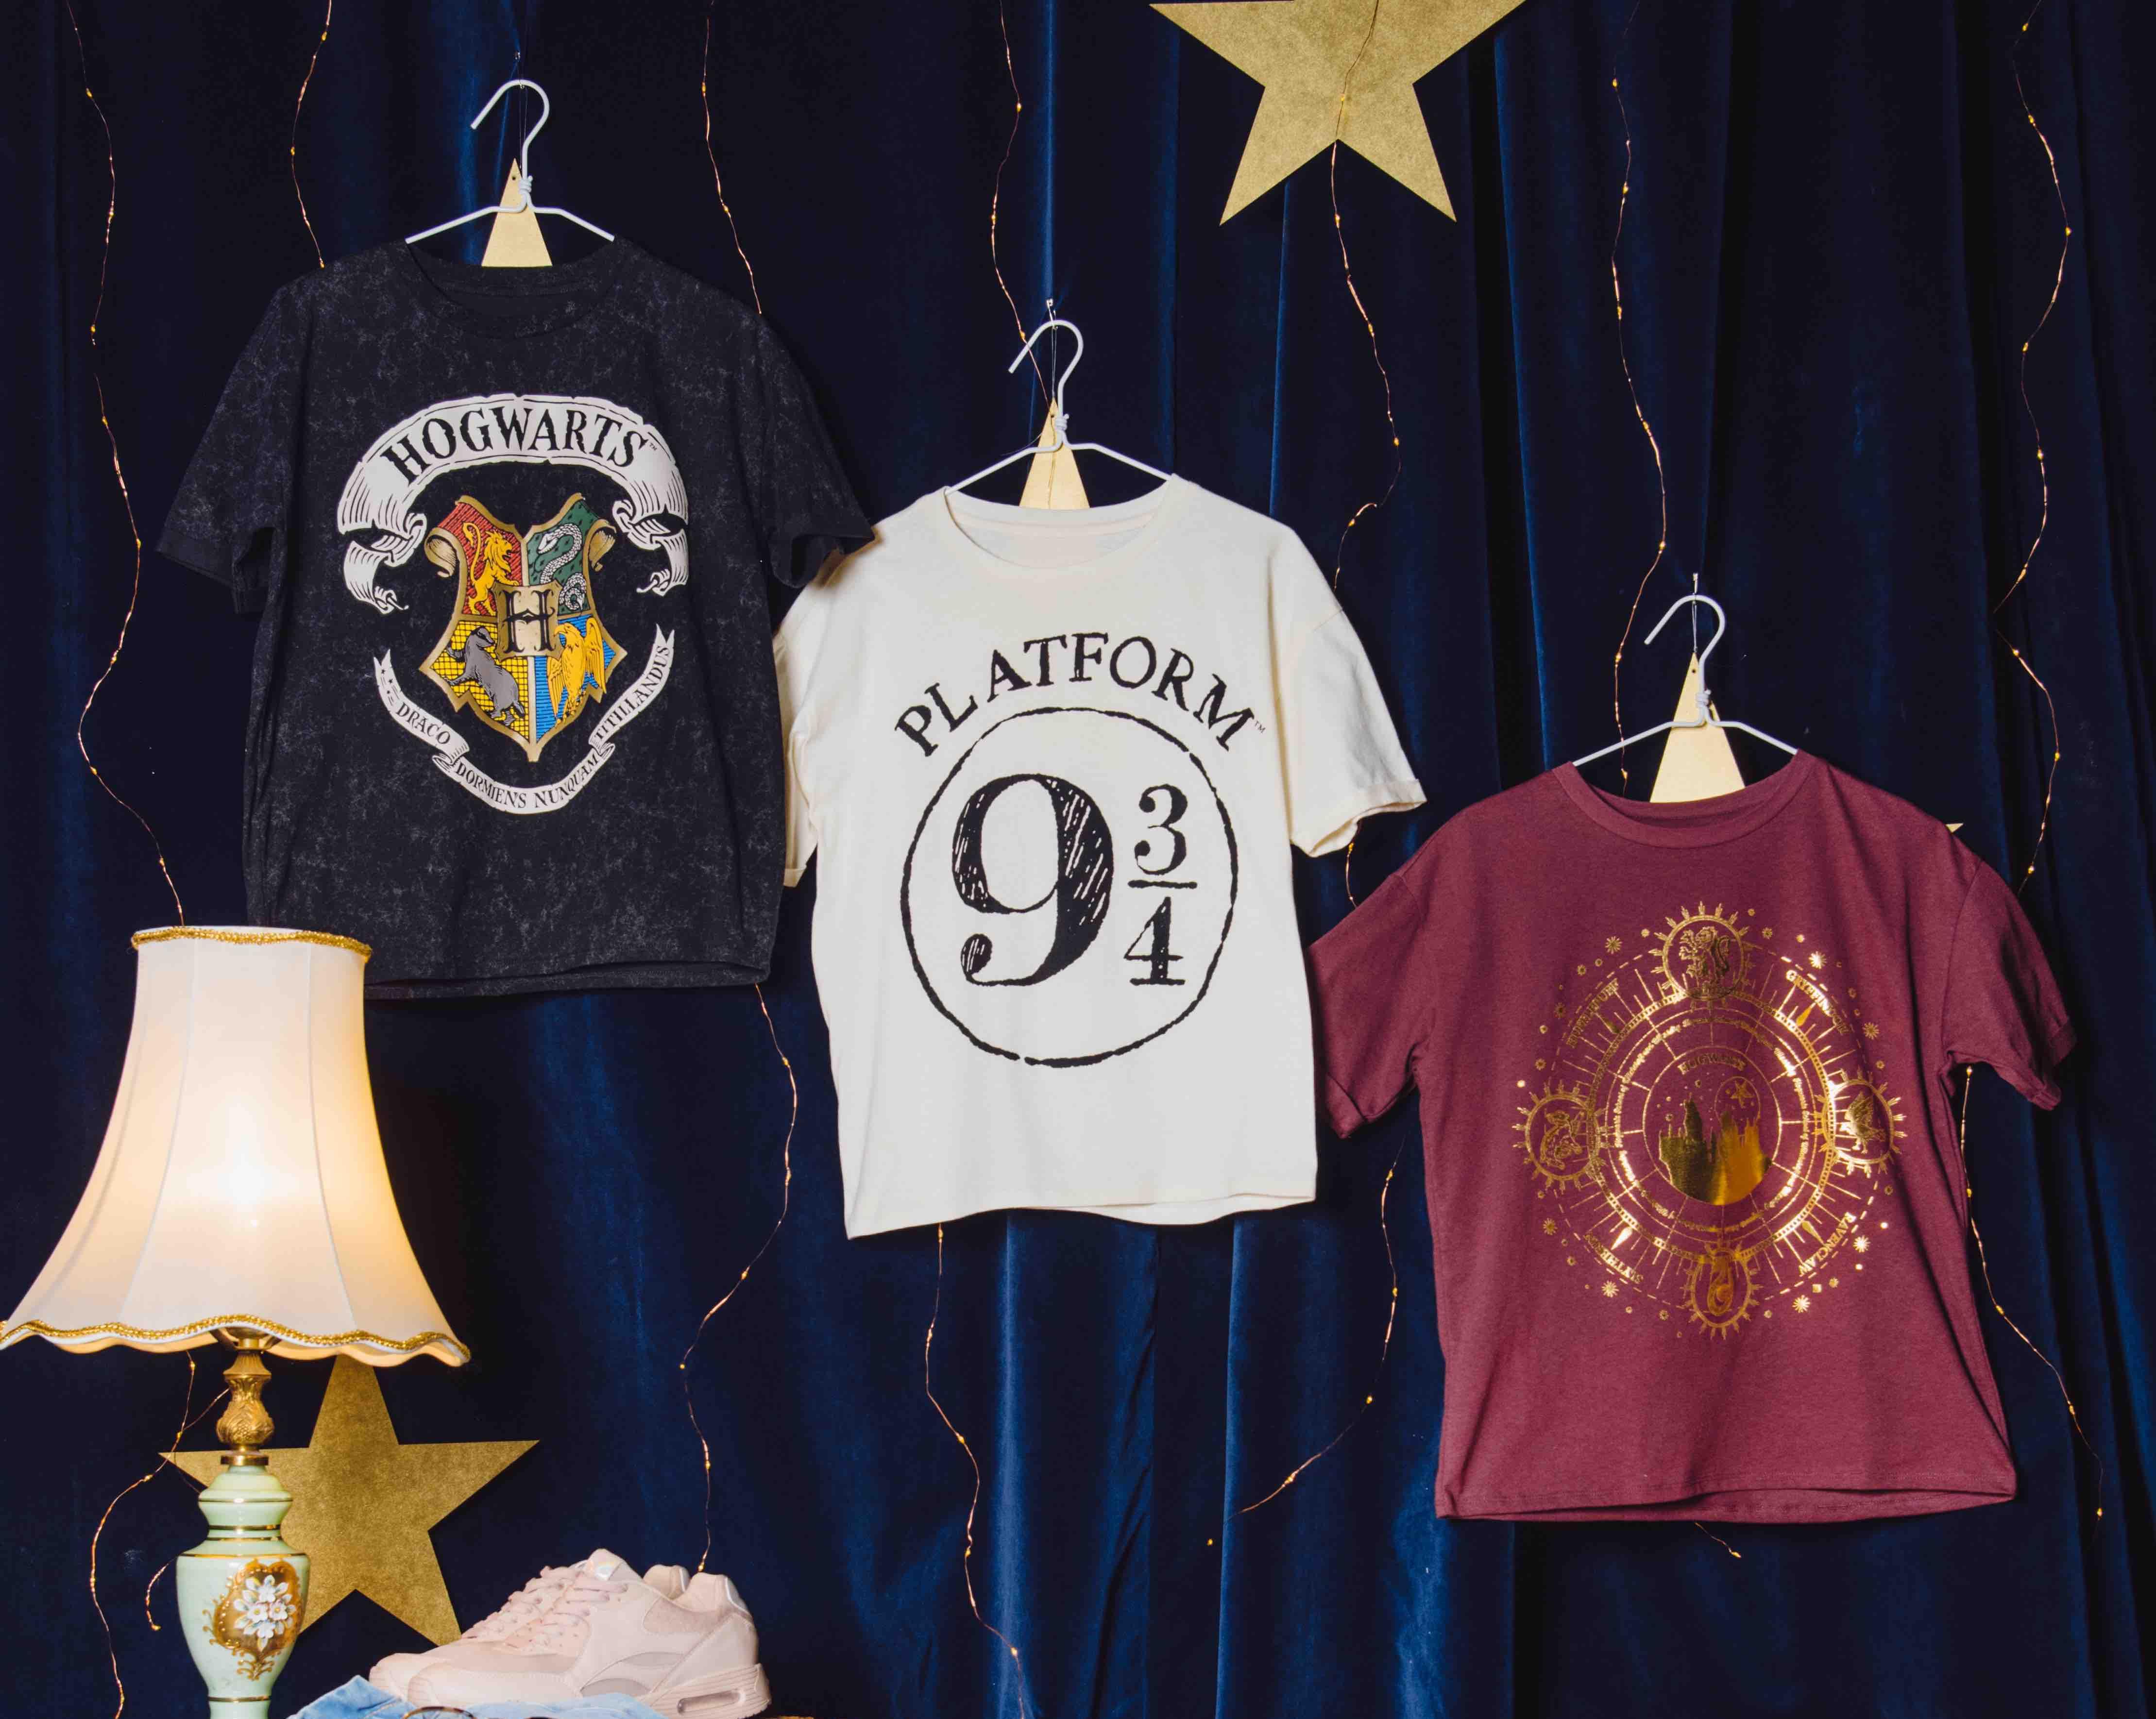 C&A X Harry Potter: La colaboración que te hará parte de Hogwarts